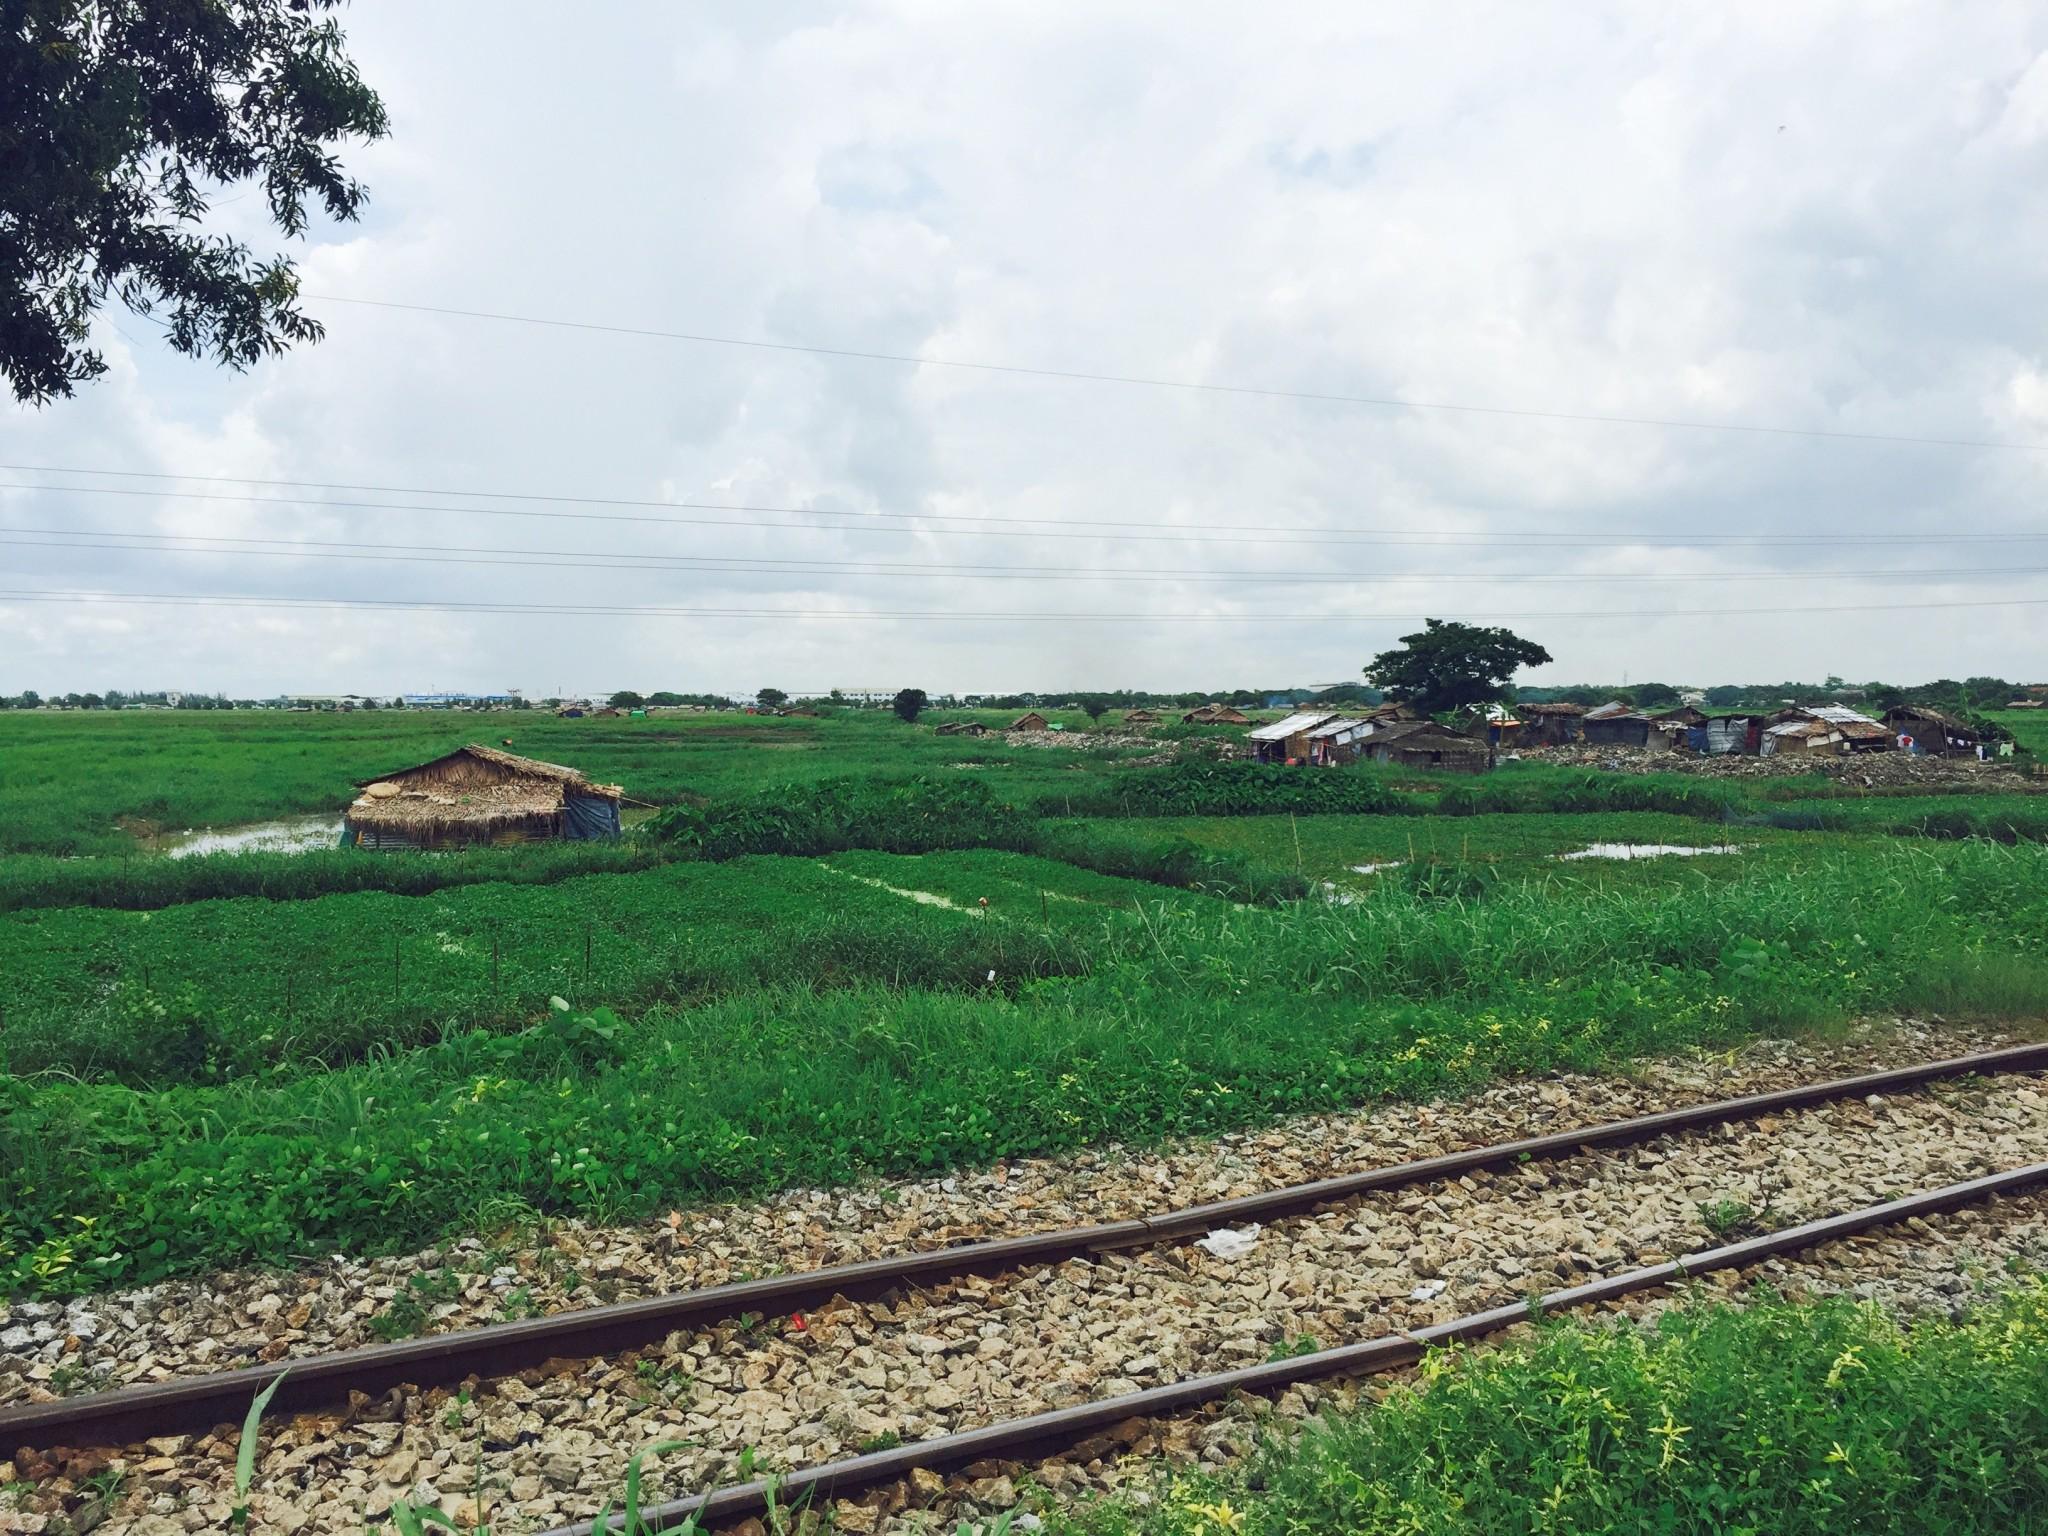 Fields in Myanmar